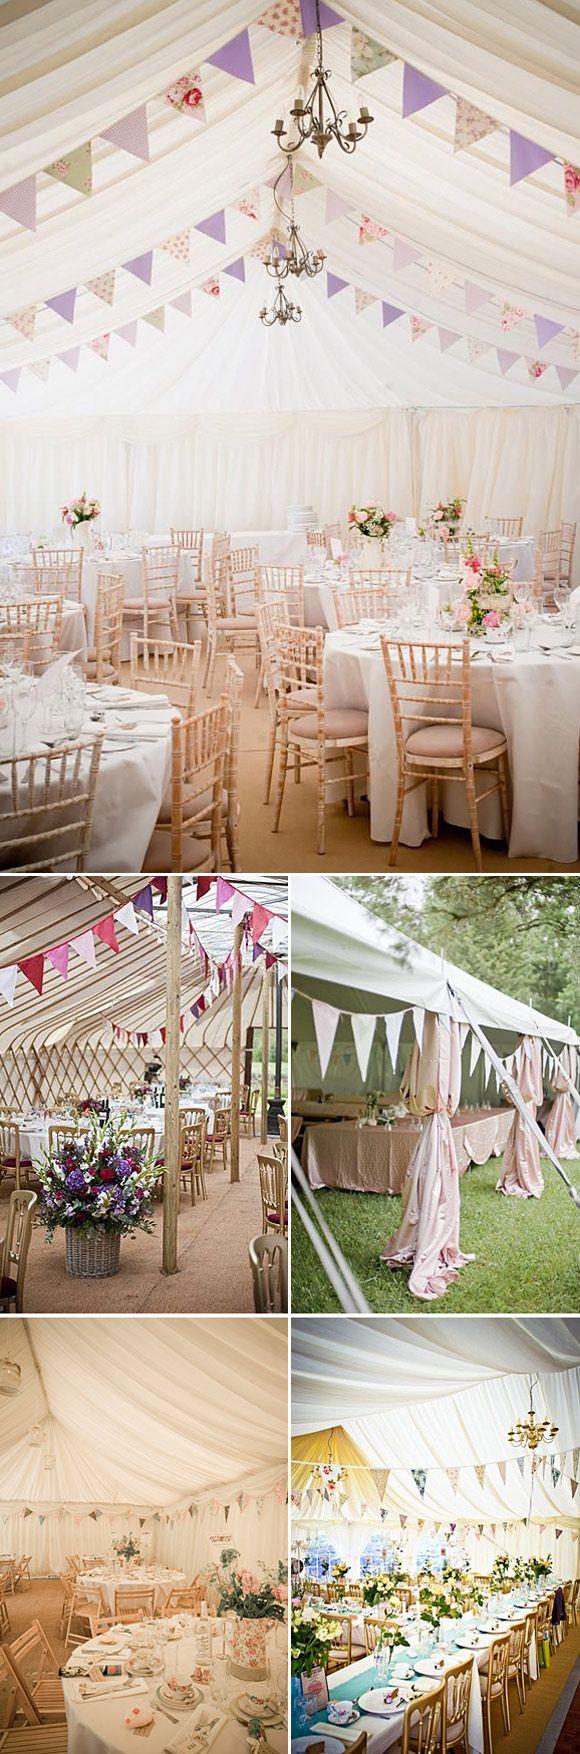 5 ideas para decorar la carpa el d a de tu boda wedding - Decoracion de carpas para bodas ...